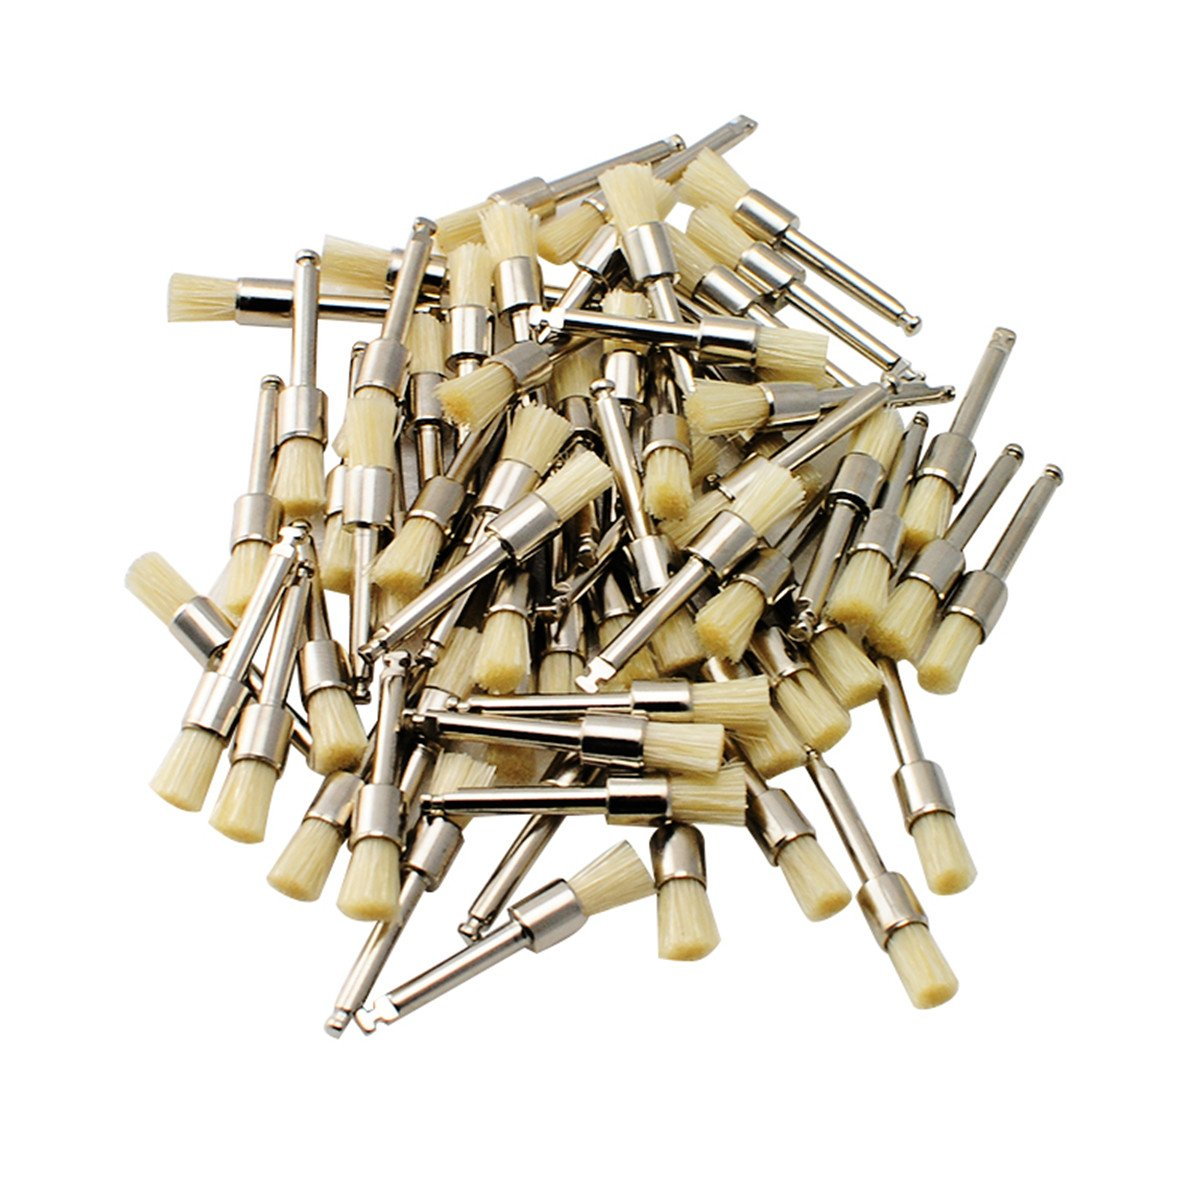 Angelwill 100 Pcs Dental Prophy Brush Polishing Brush White Bristle Latch Flat Type Polisher